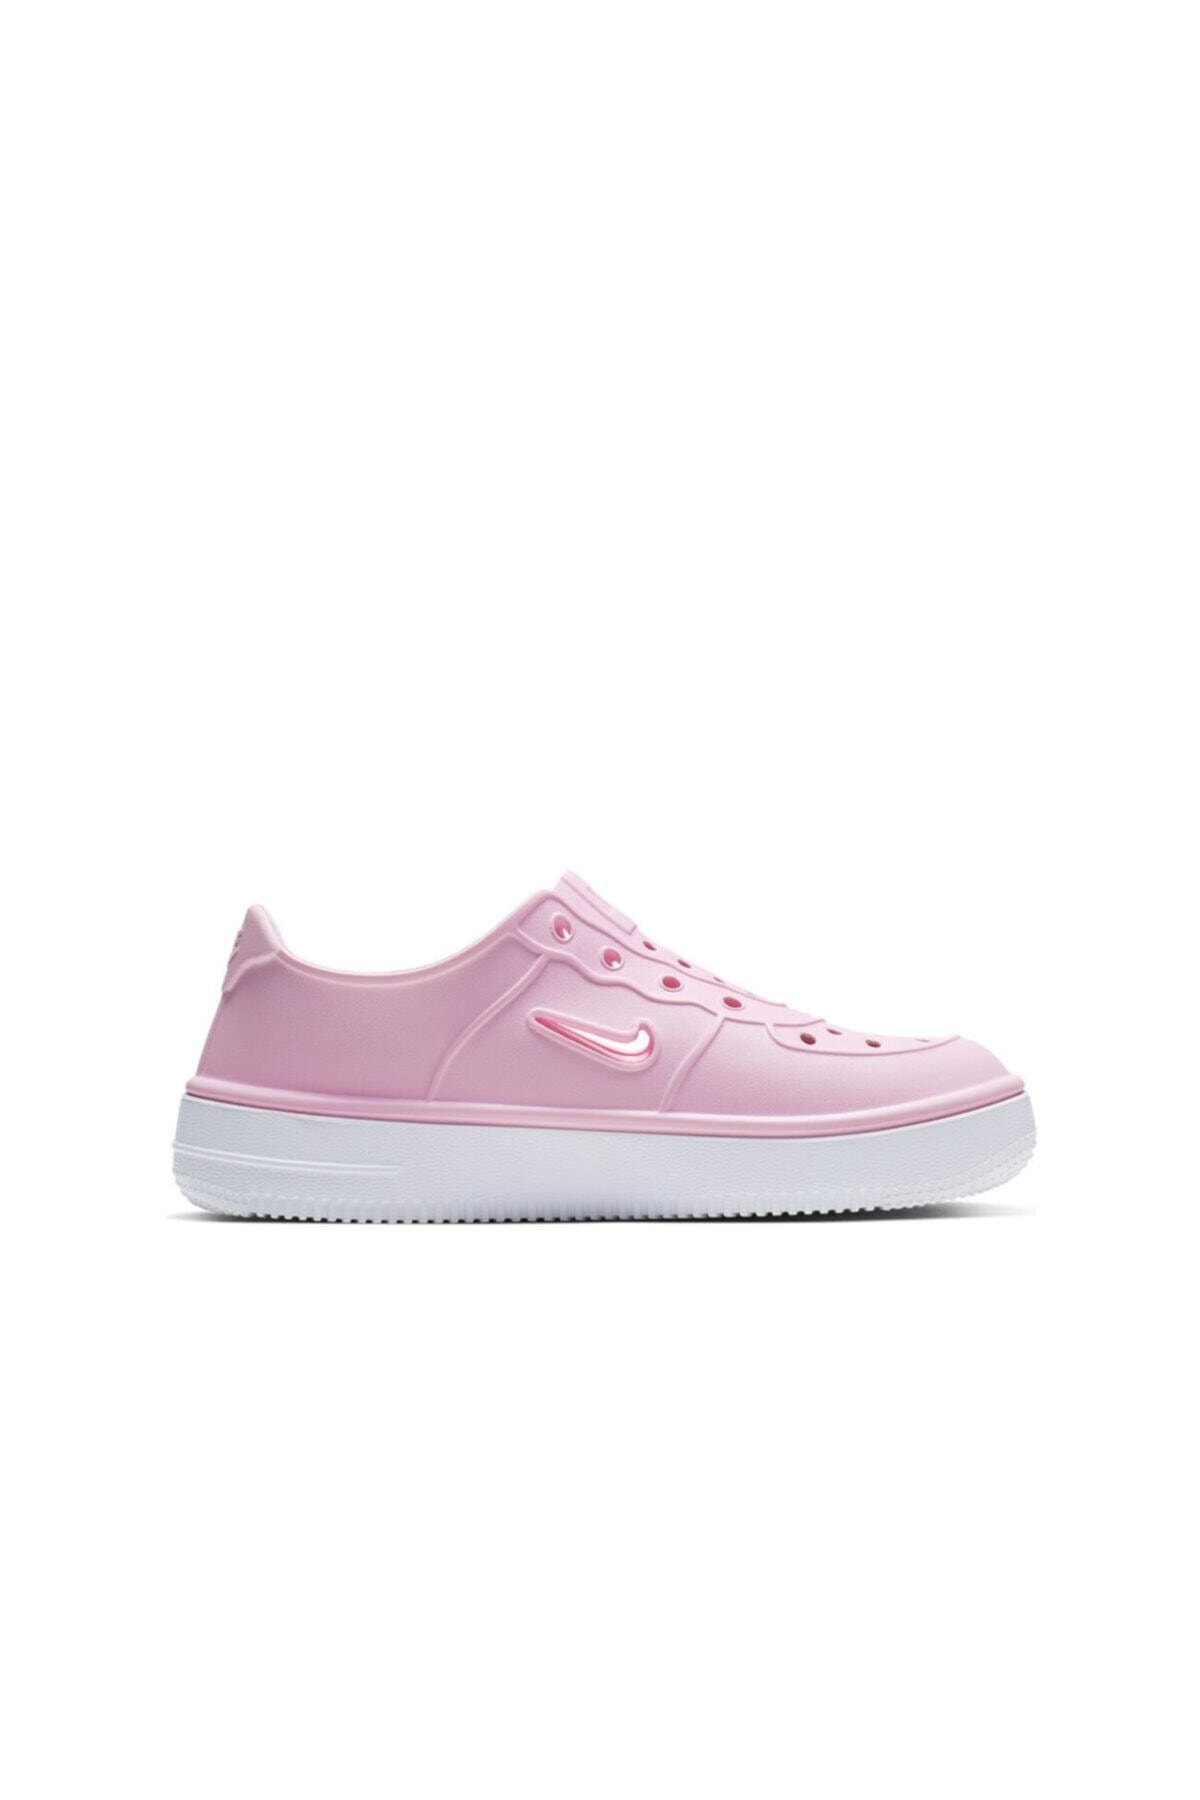 Nike Foam Force One Çocuk Ayakkabı 1